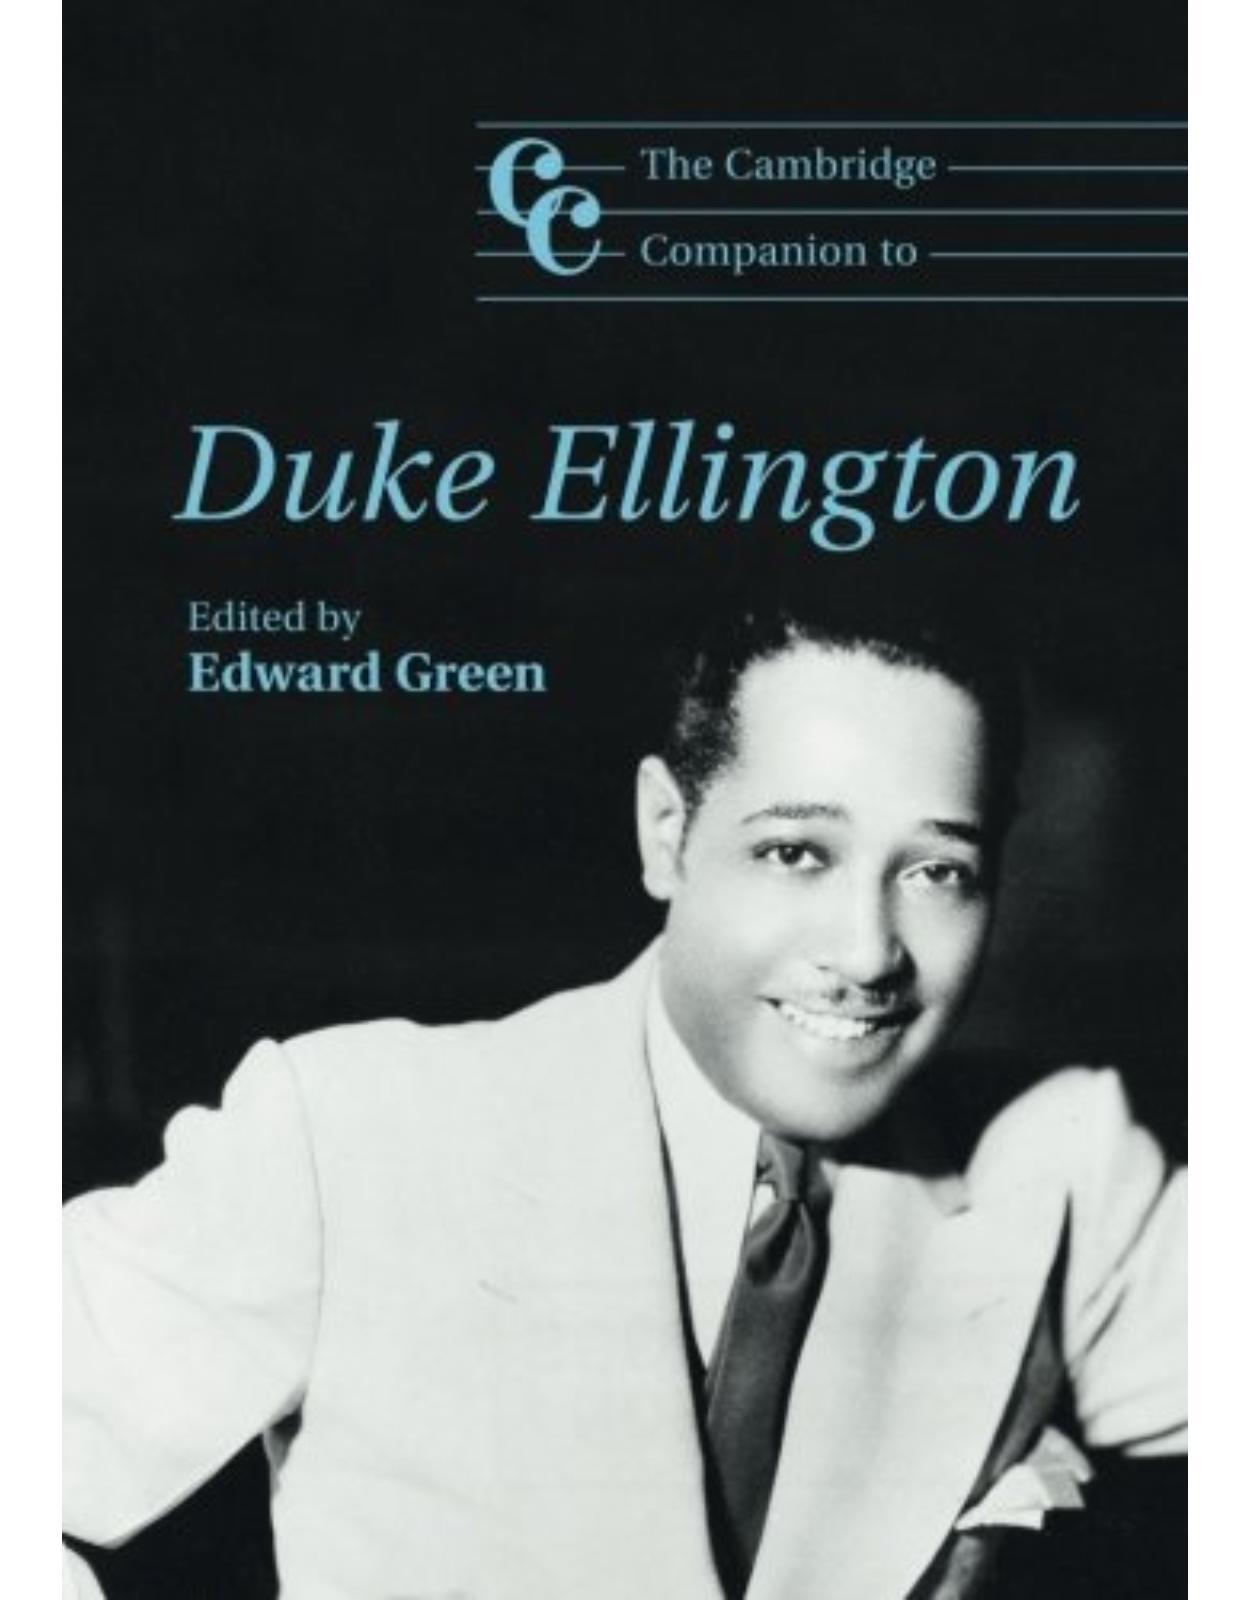 The Cambridge Companion to Duke Ellington (Cambridge Companions to Music)